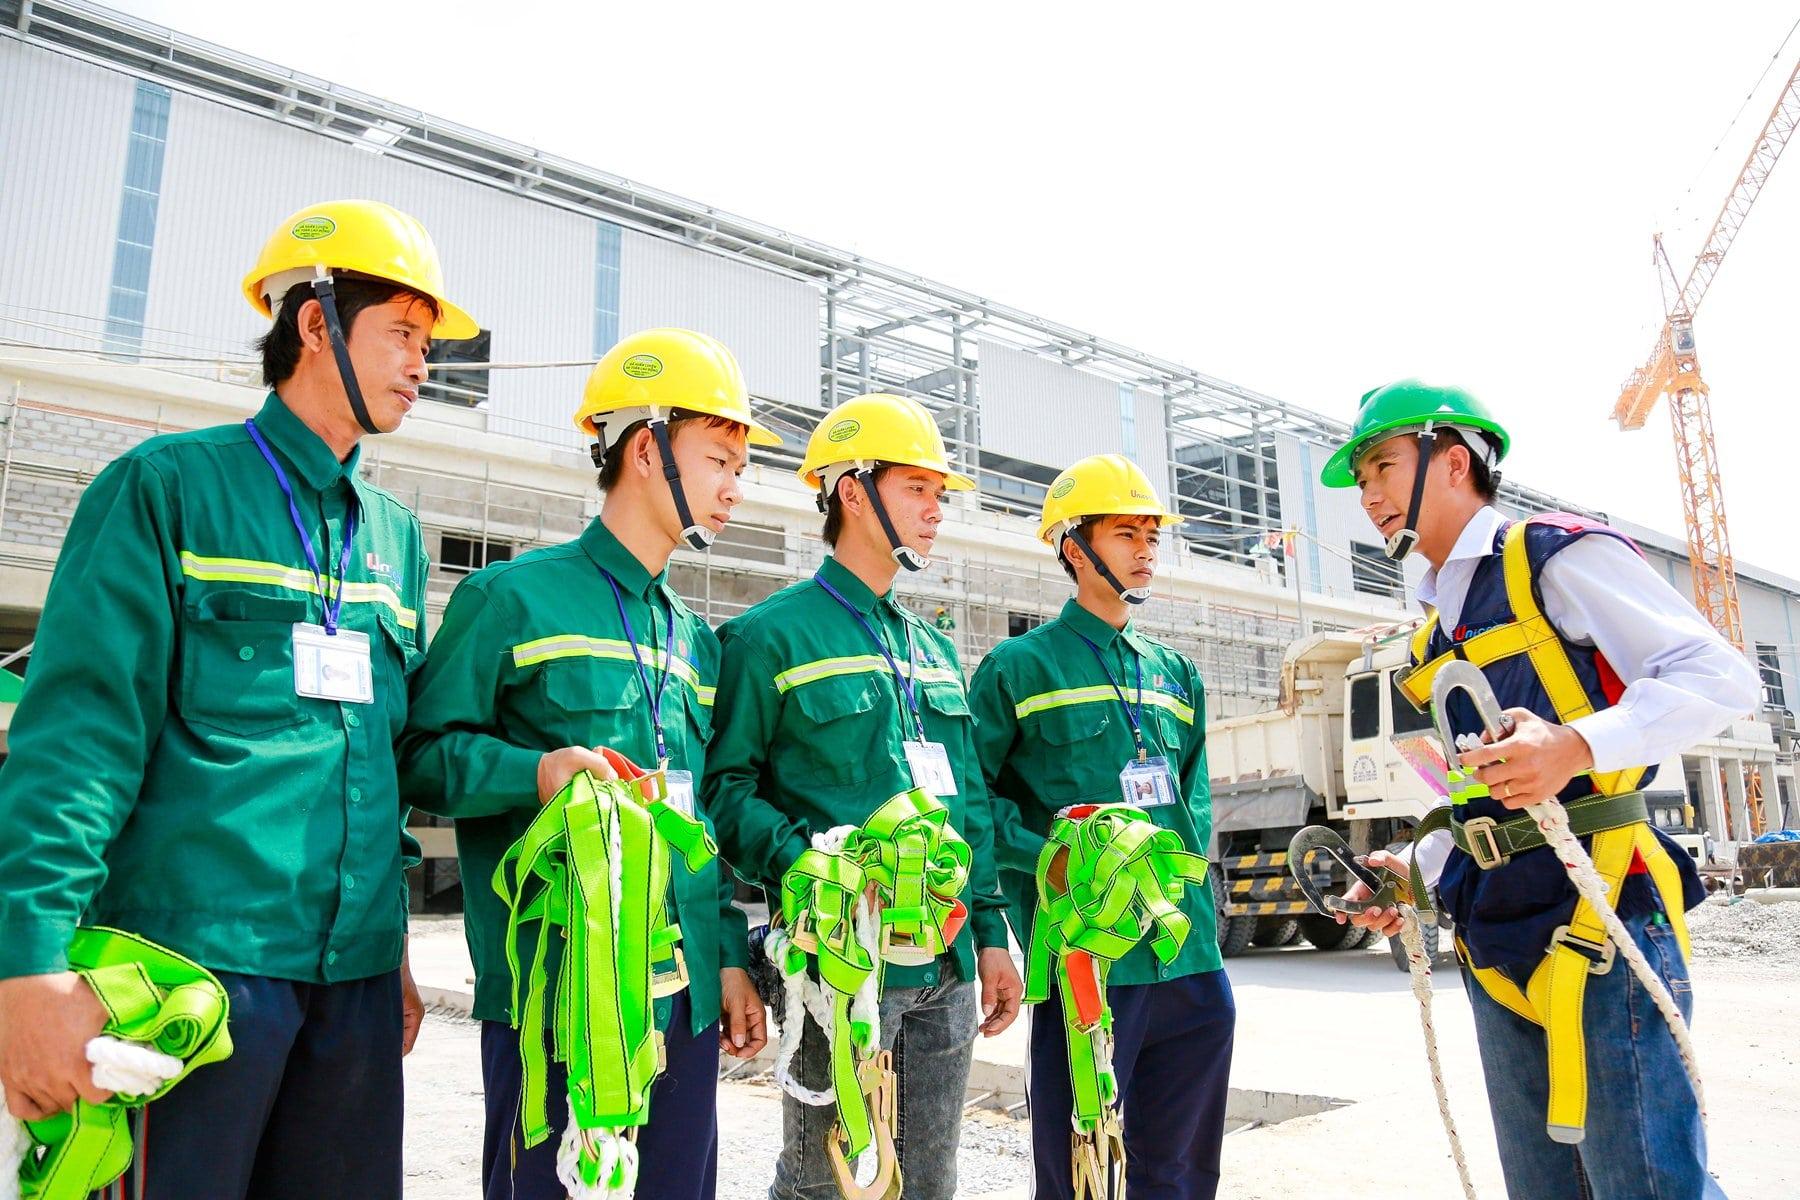 Luật lao động Nhật về nhân viên phái cử Haken – kỹ sư đi Nhật phải biết!